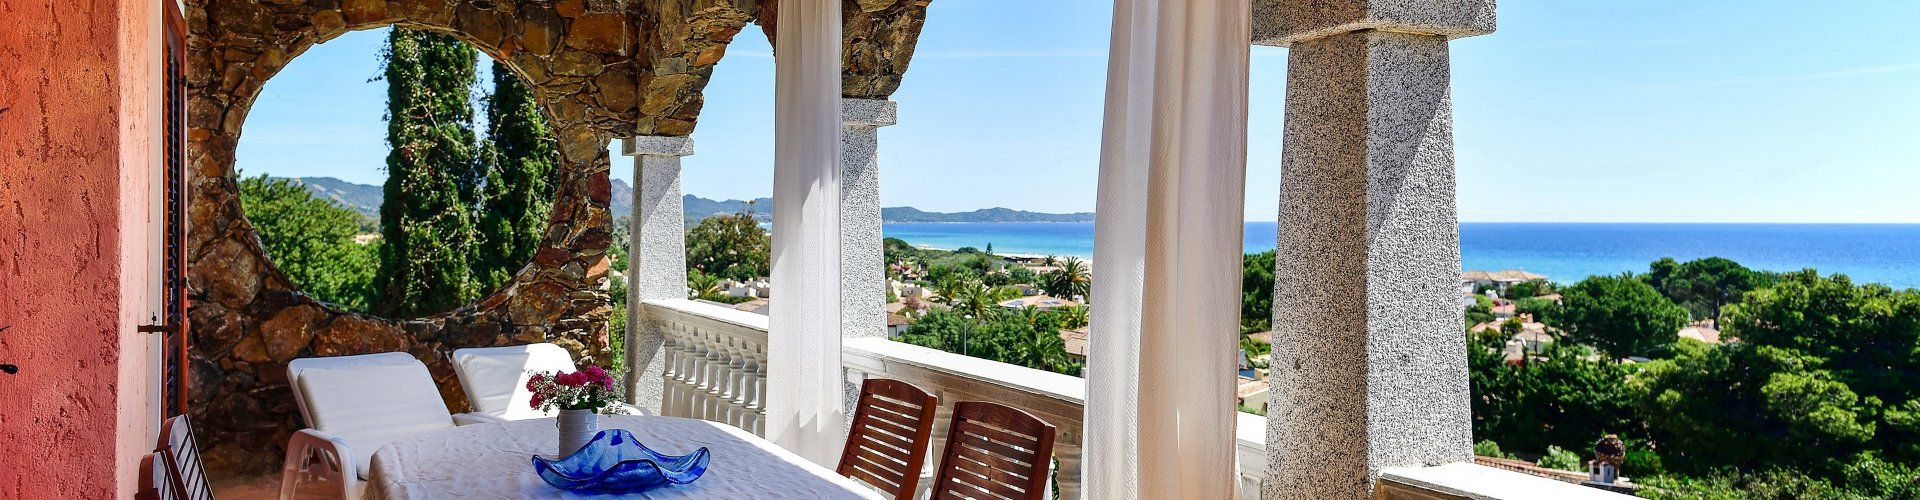 spektakulärer Meerblick von der Terrasse an der Costa Rei